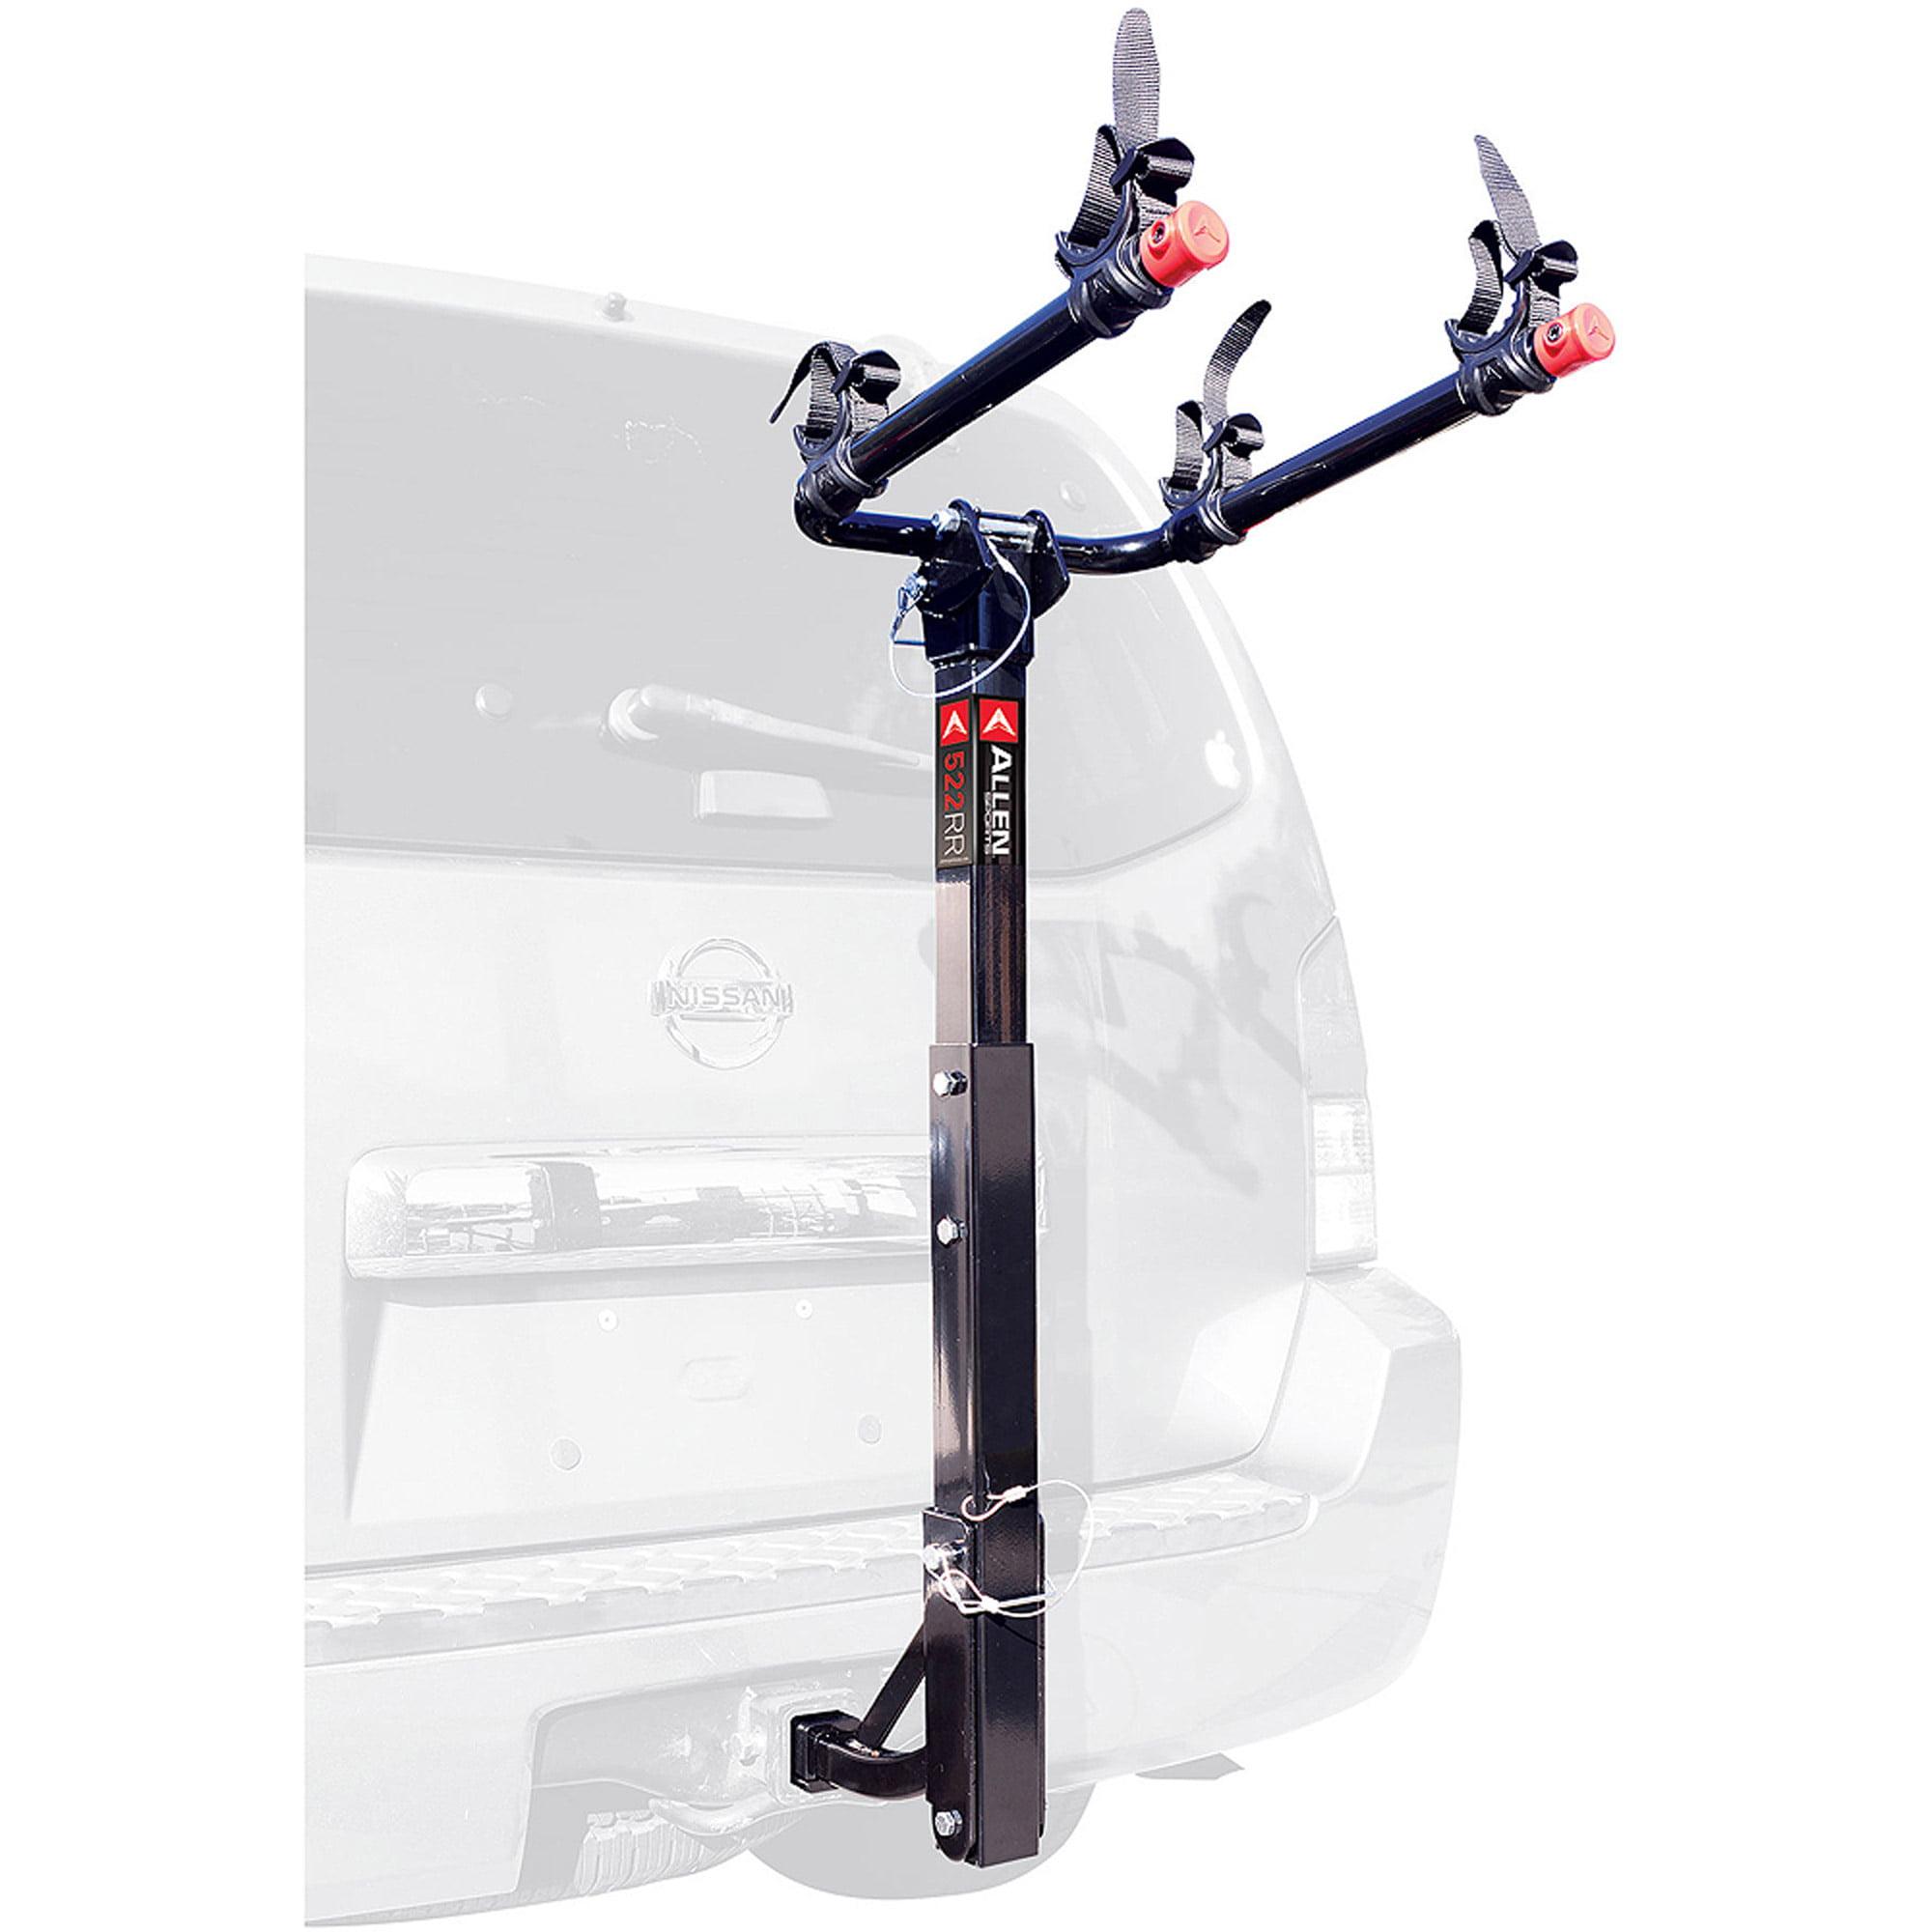 Allen Sports 522RR Deluxe 2-Bike Hitch Mounted Bike Rack by Generic